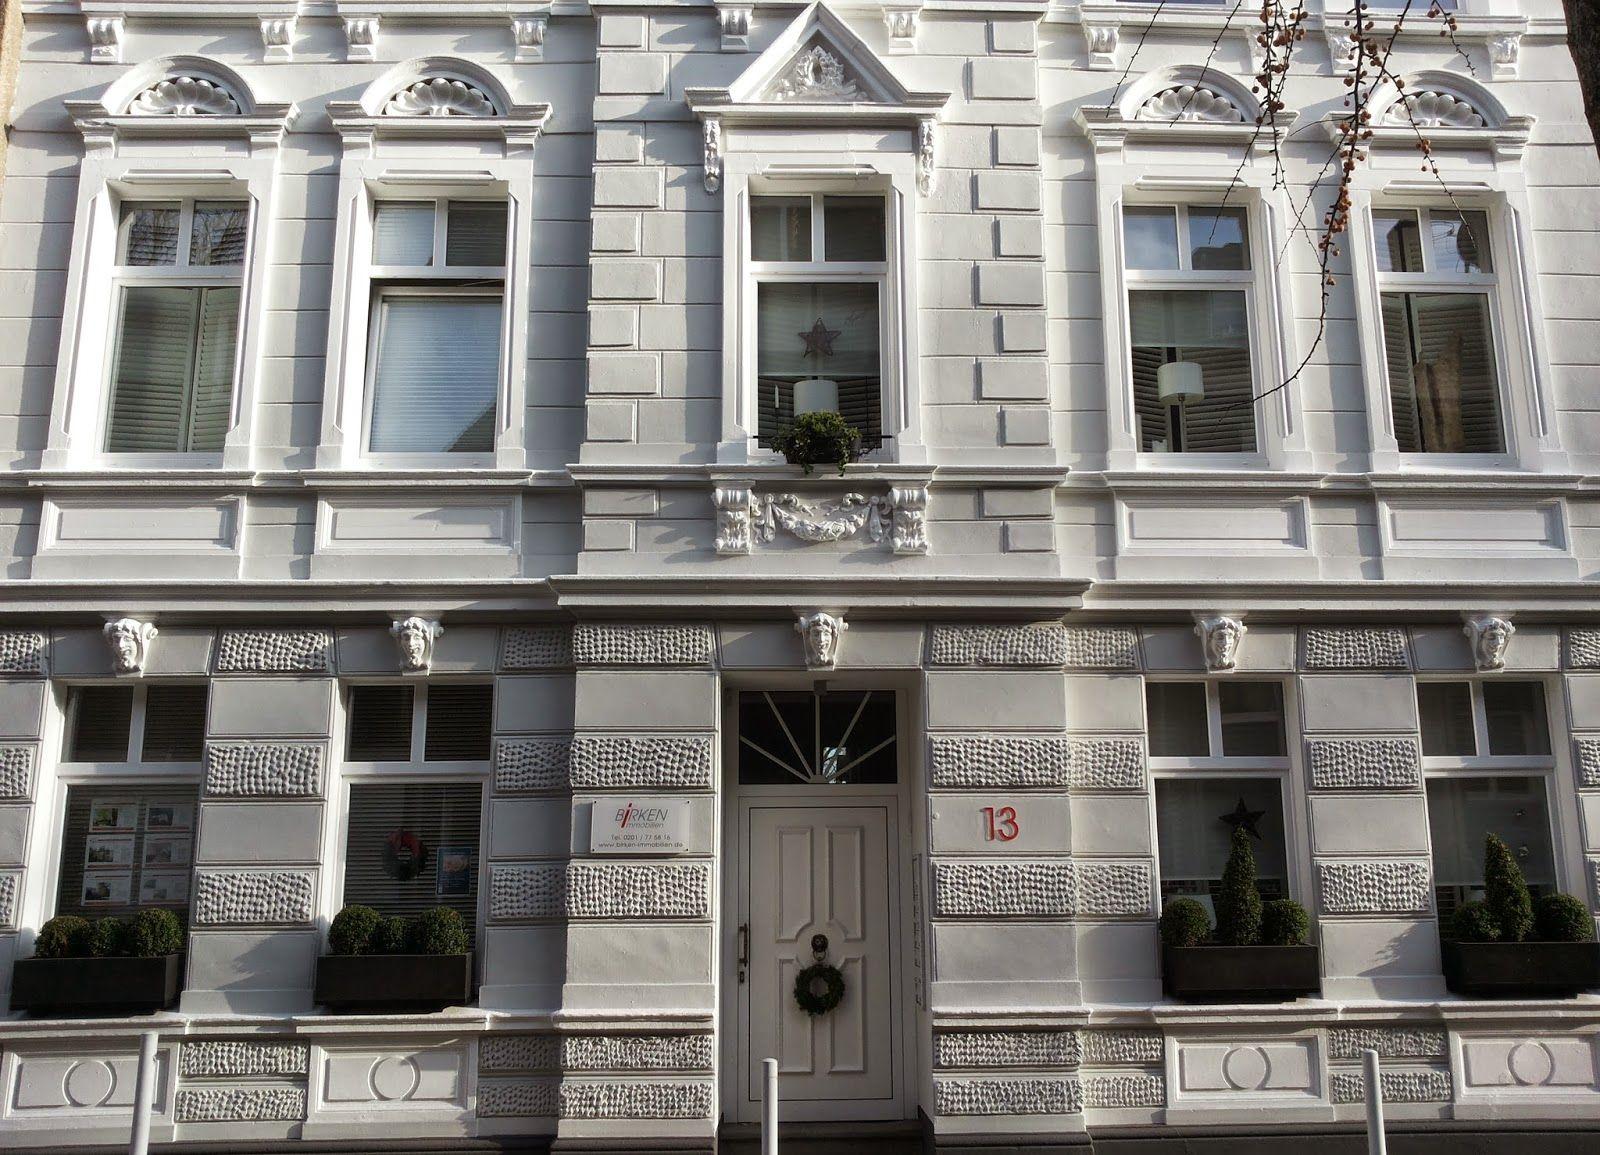 Deutschlands Schonste Altbauten Essen Altbau Grunderzeit